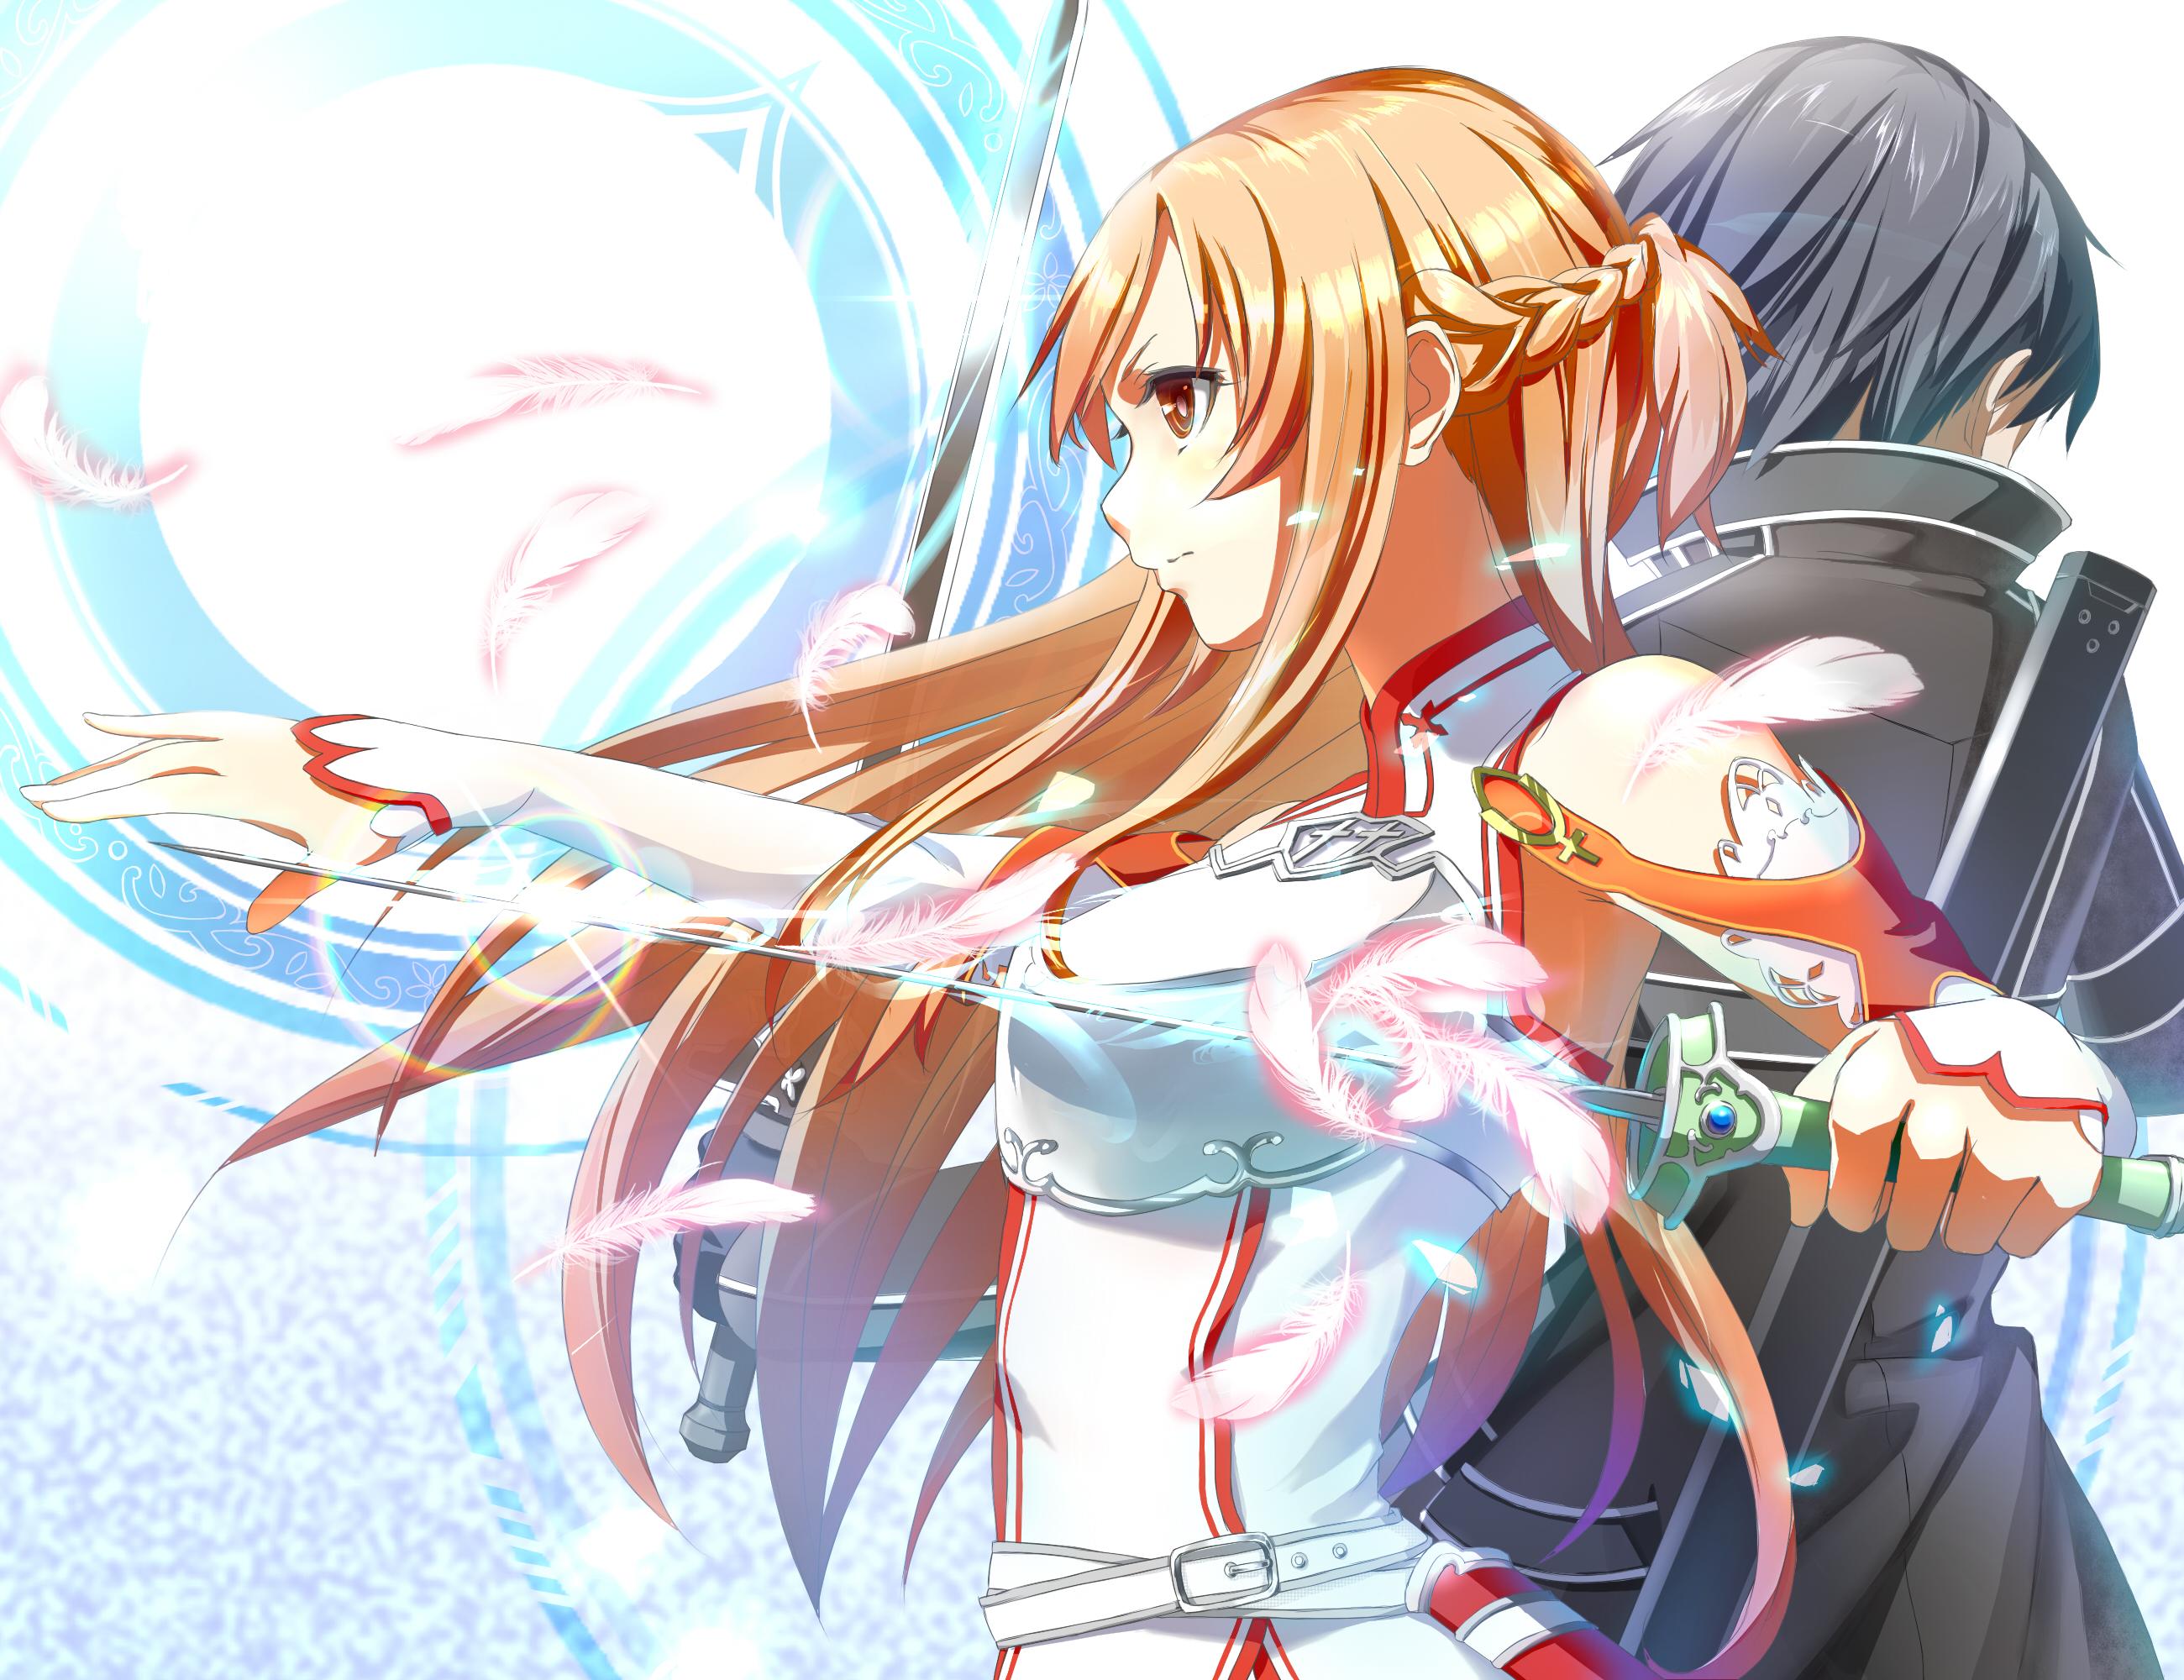 смотреть онлайн аниме картинки: